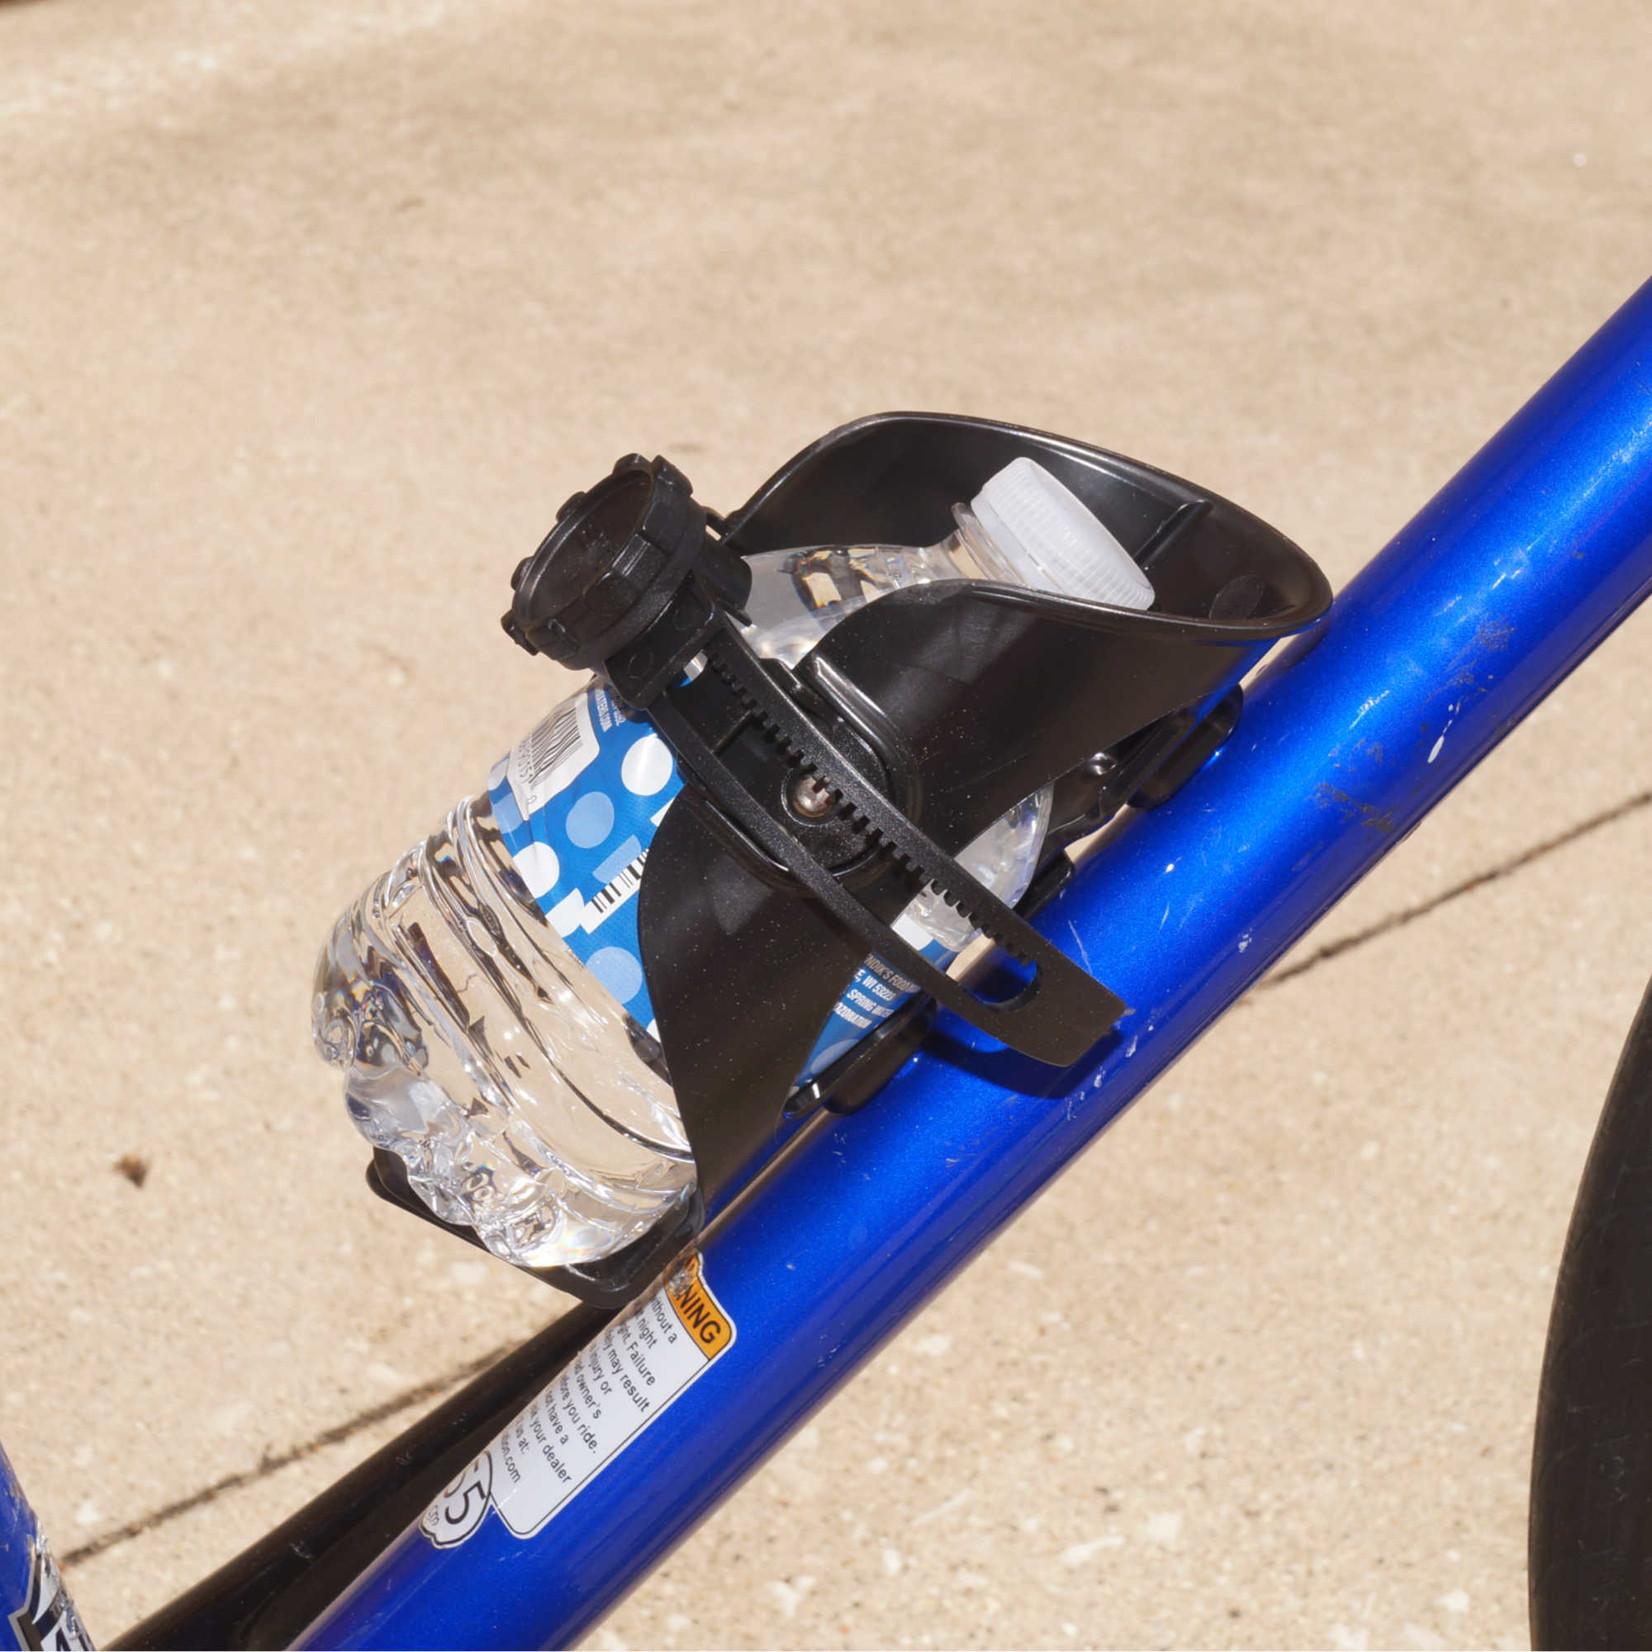 Bikase ABC Adjustable Bottle Cage Drink Holder